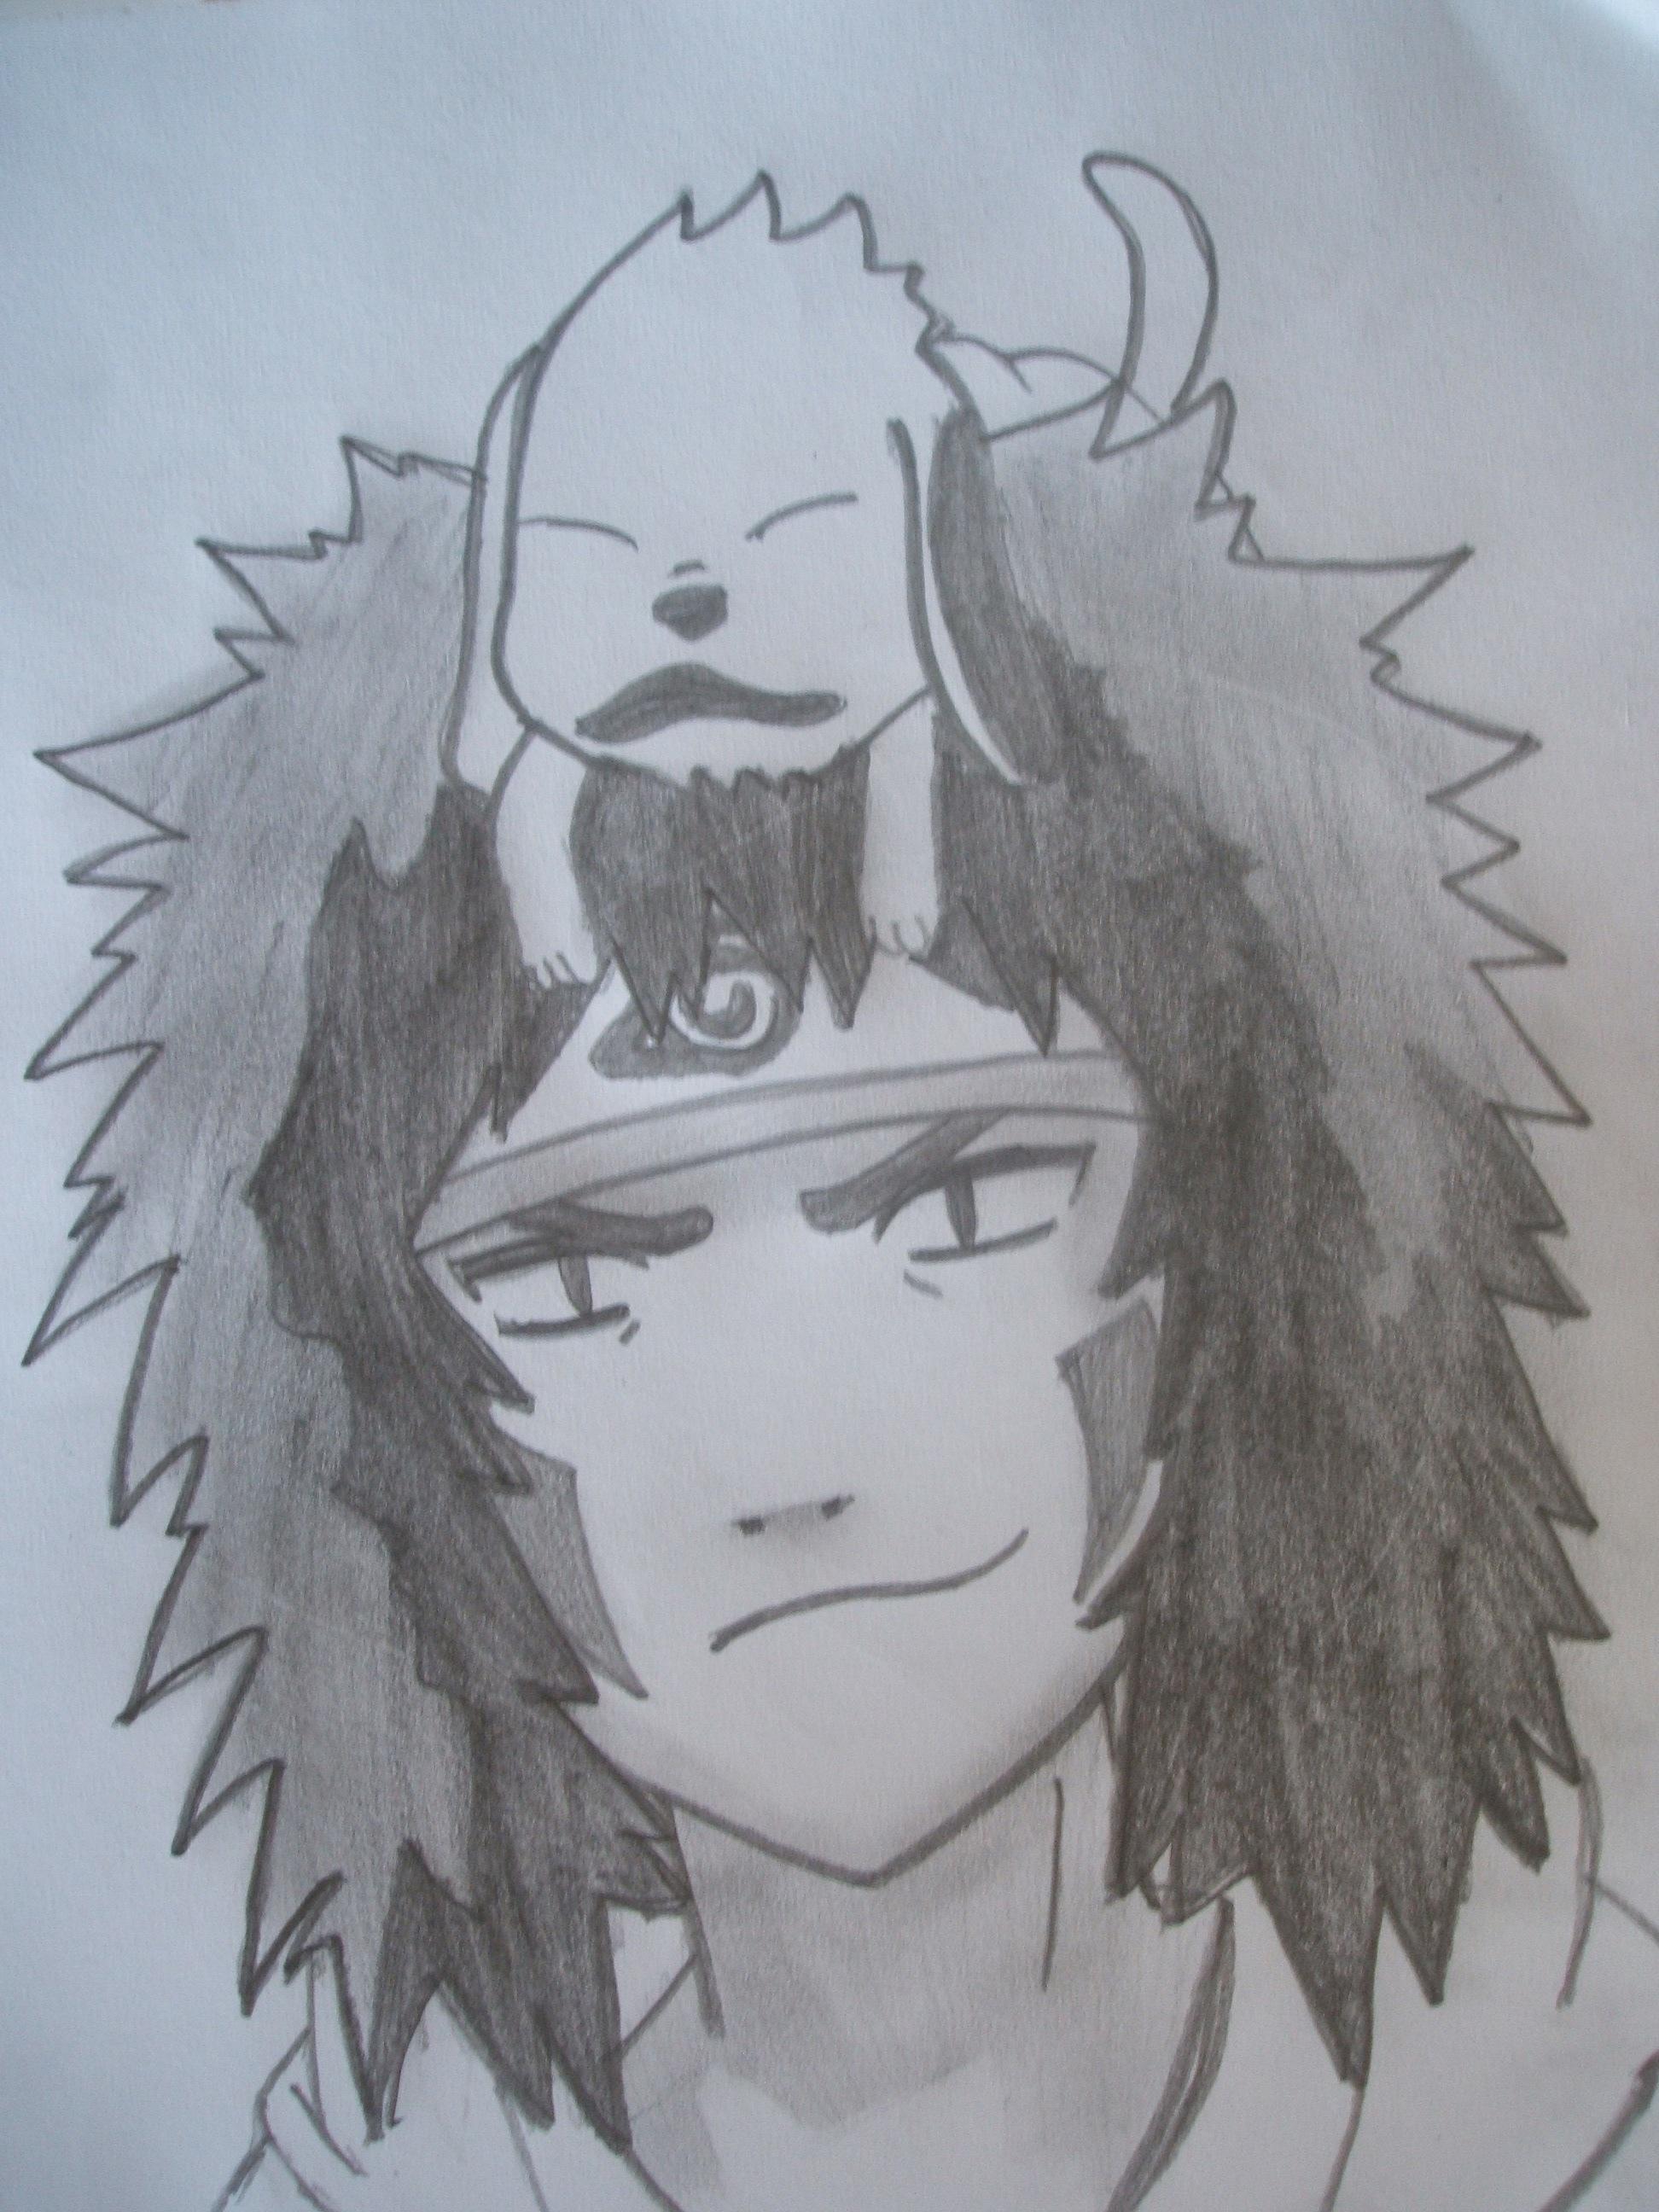 Drawn naruto kiba Drawing Drawing Episodes 2011 Kiba